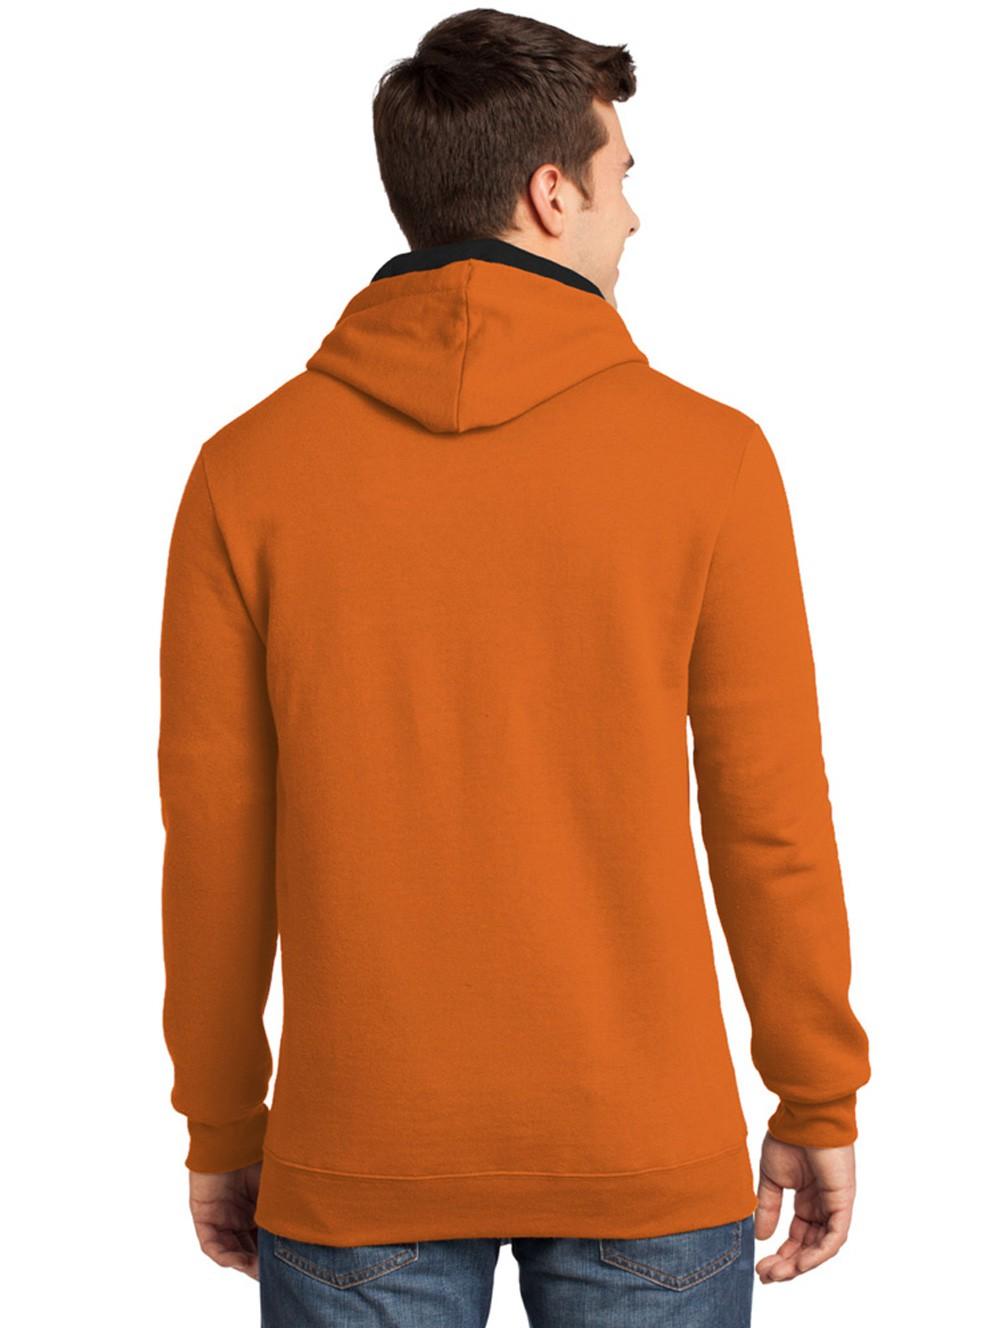 Moletom Canguru Masculino Premium Caramelo Blusa de Frio Estilosa